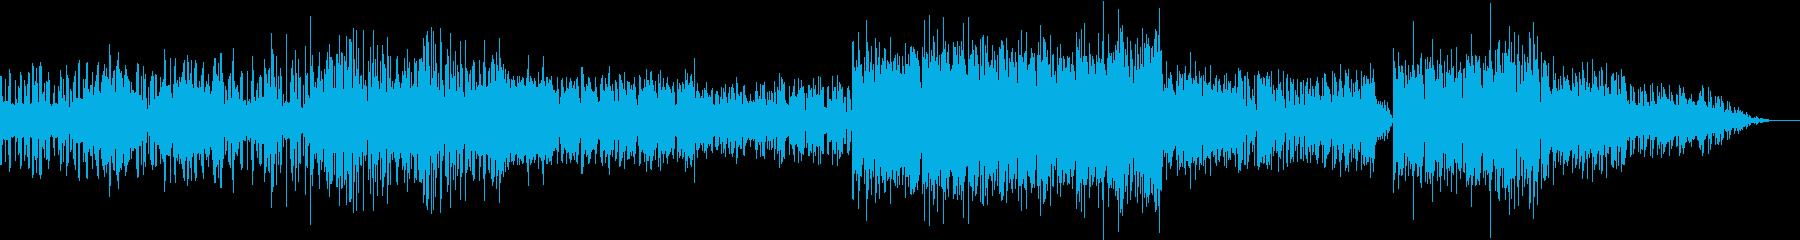 雰囲気のあるシンセとテクノのドラム...の再生済みの波形